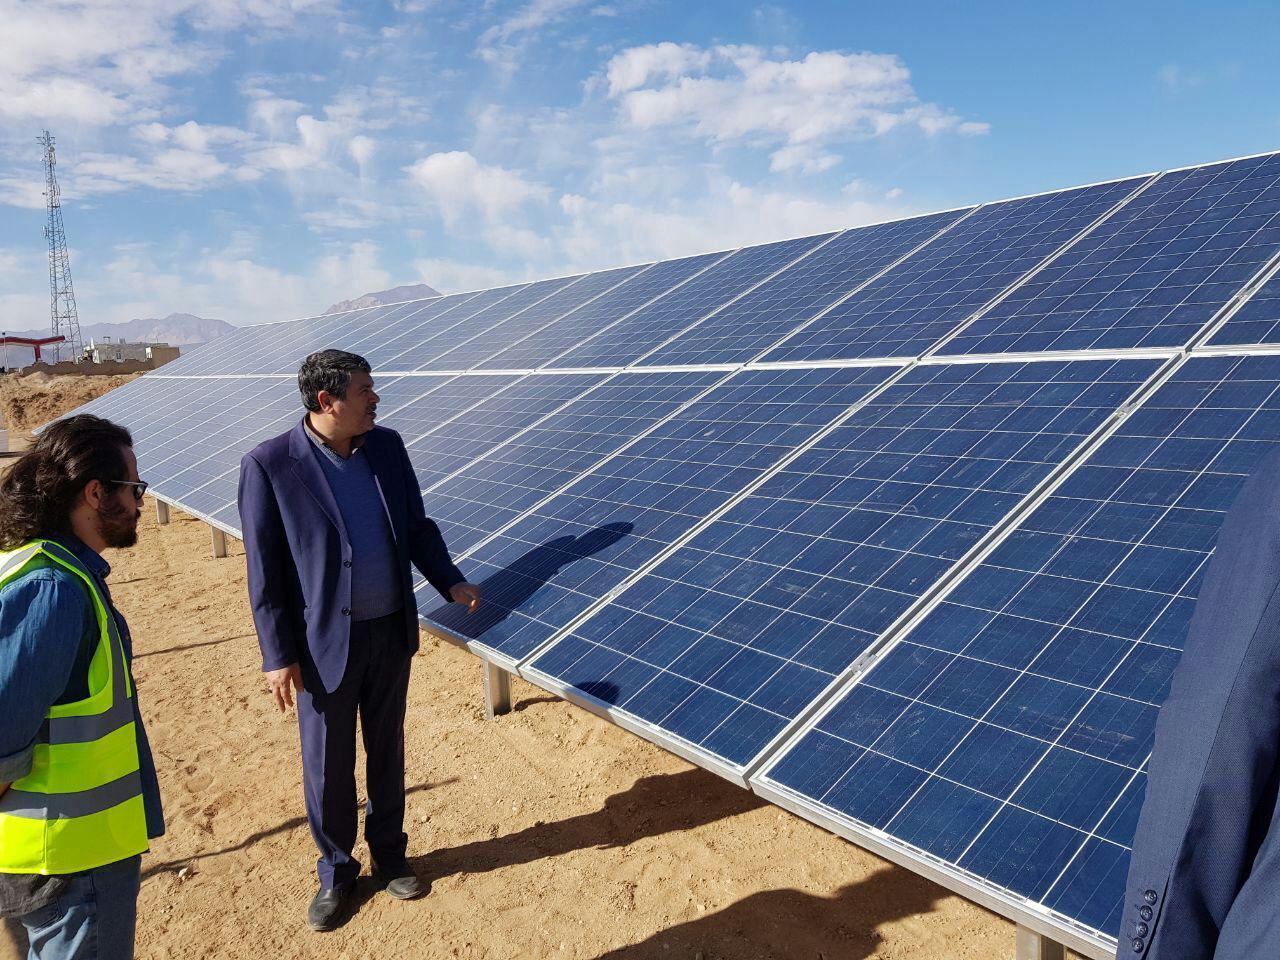 طراحی یک نیروگاه خورشیدی در منطقه شهریار